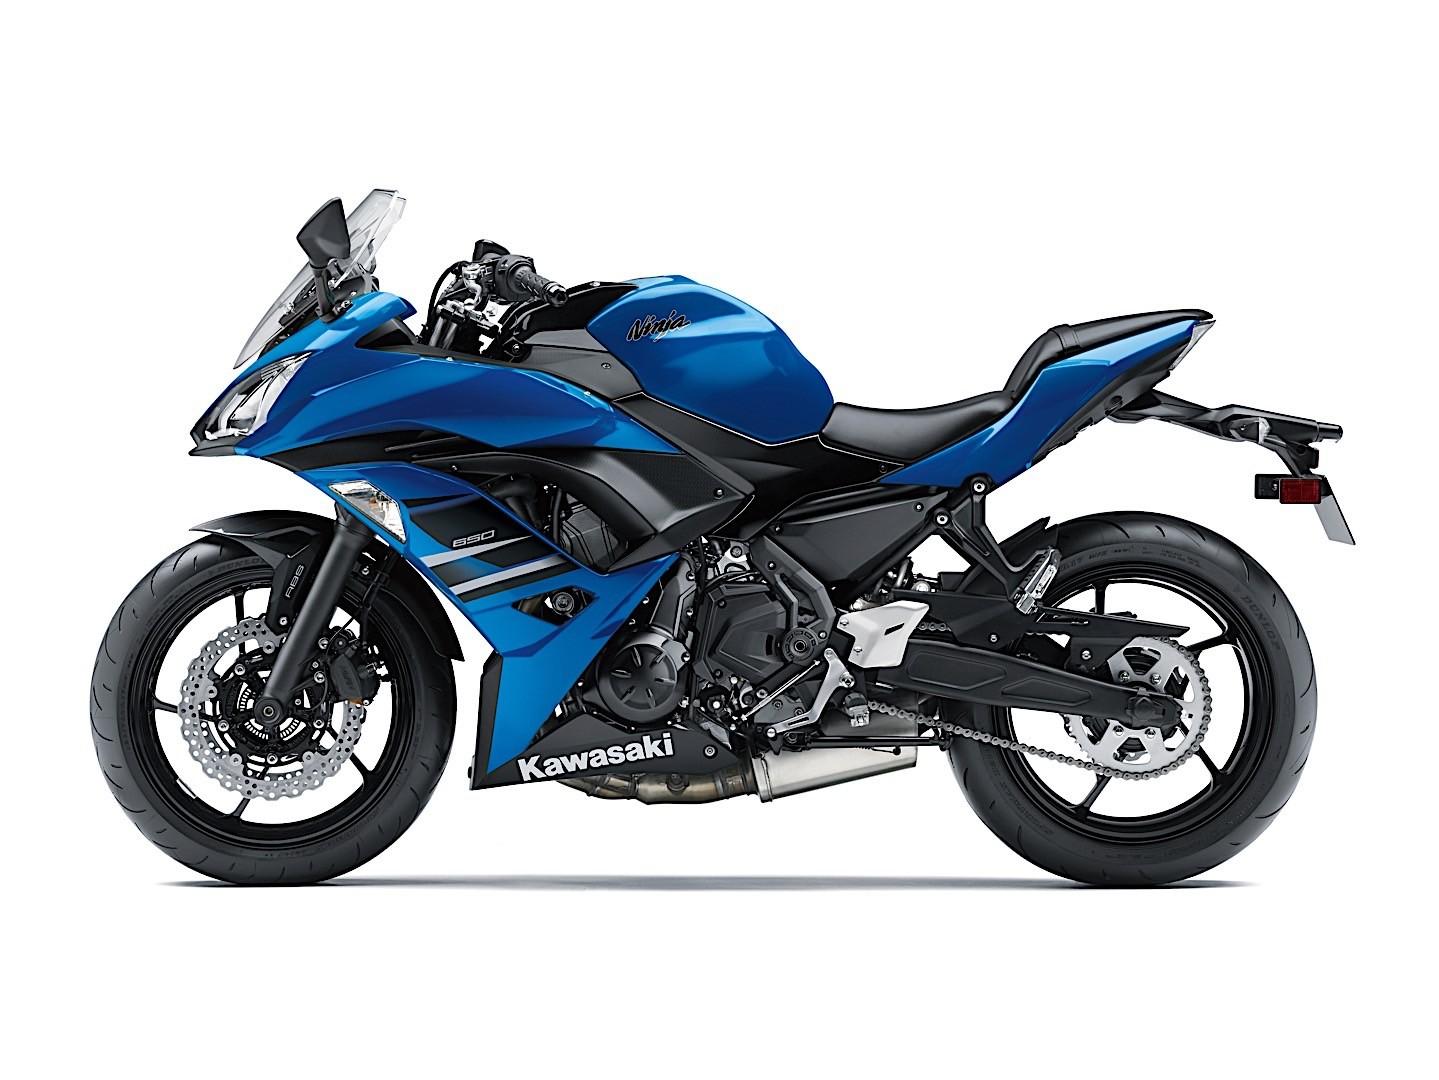 Kawasaki Ninja 650 ABS Blue